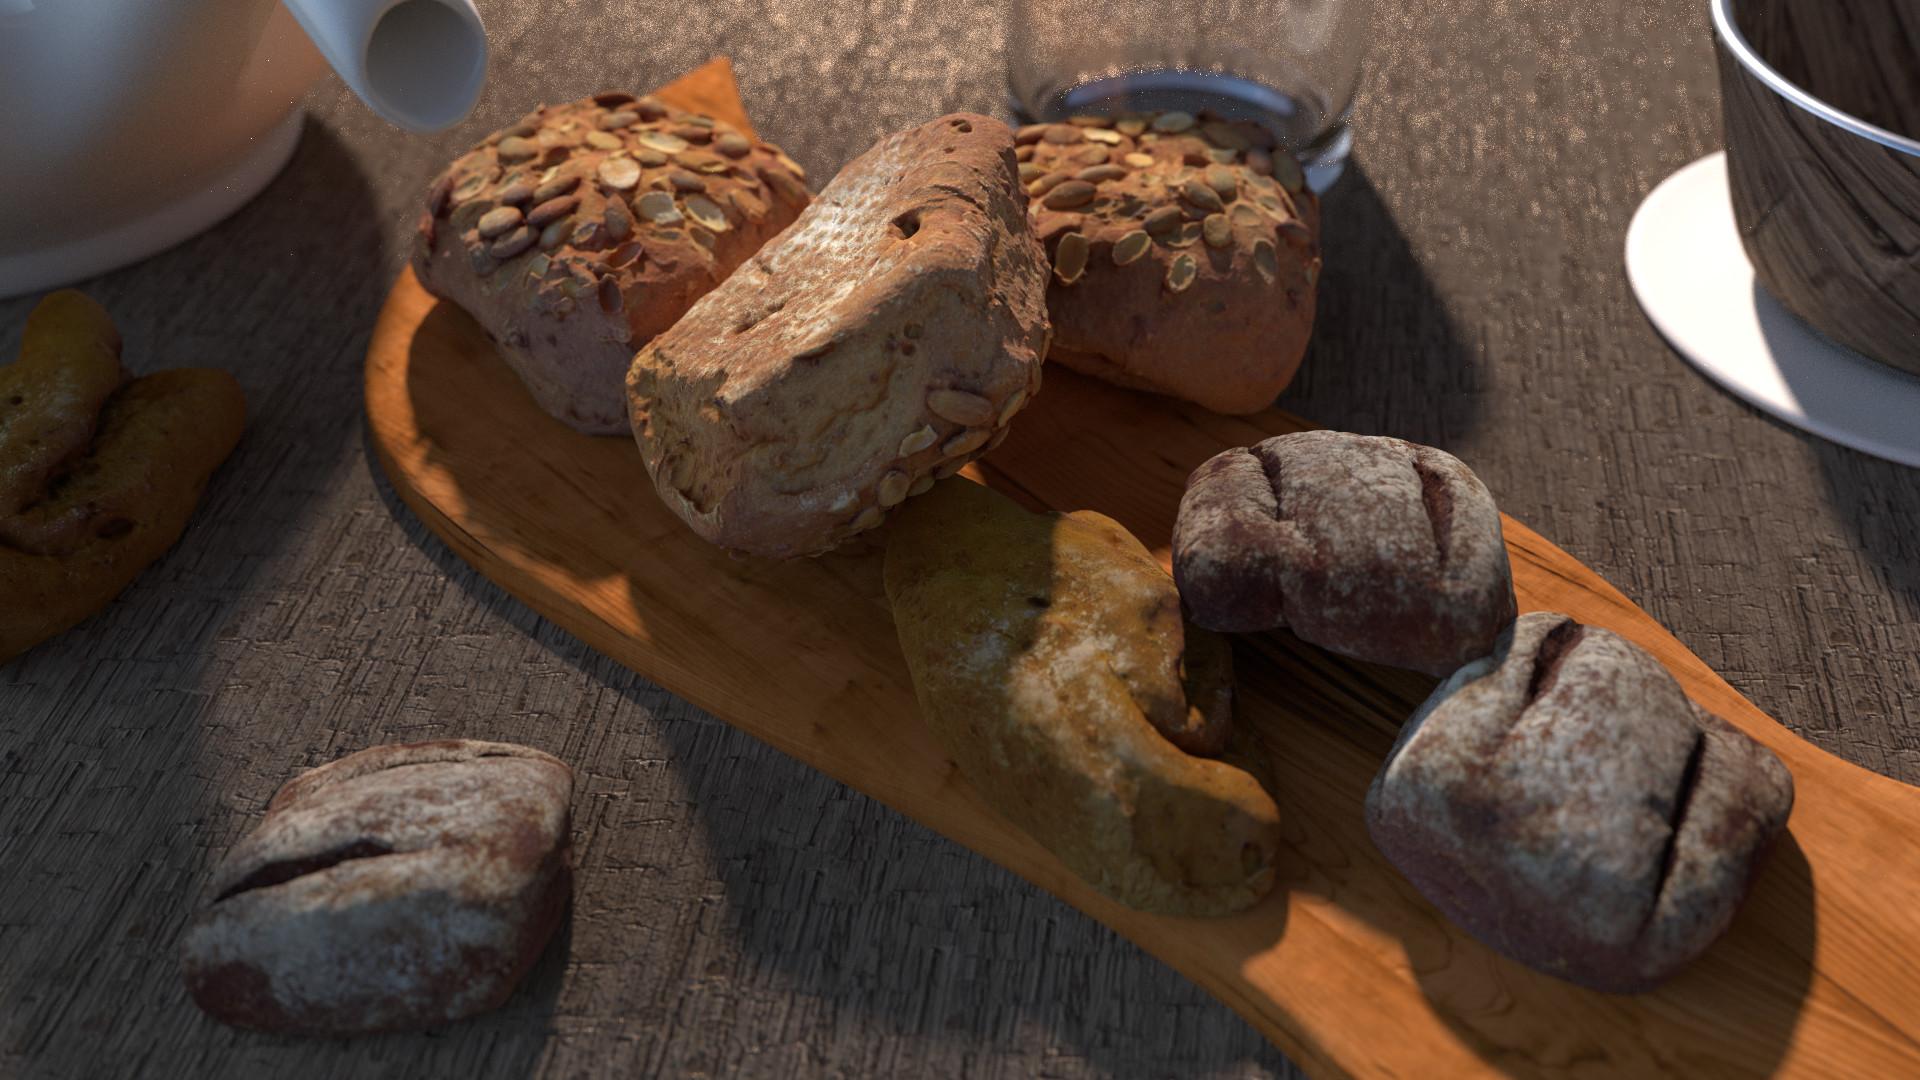 Sieben corgie bread 04